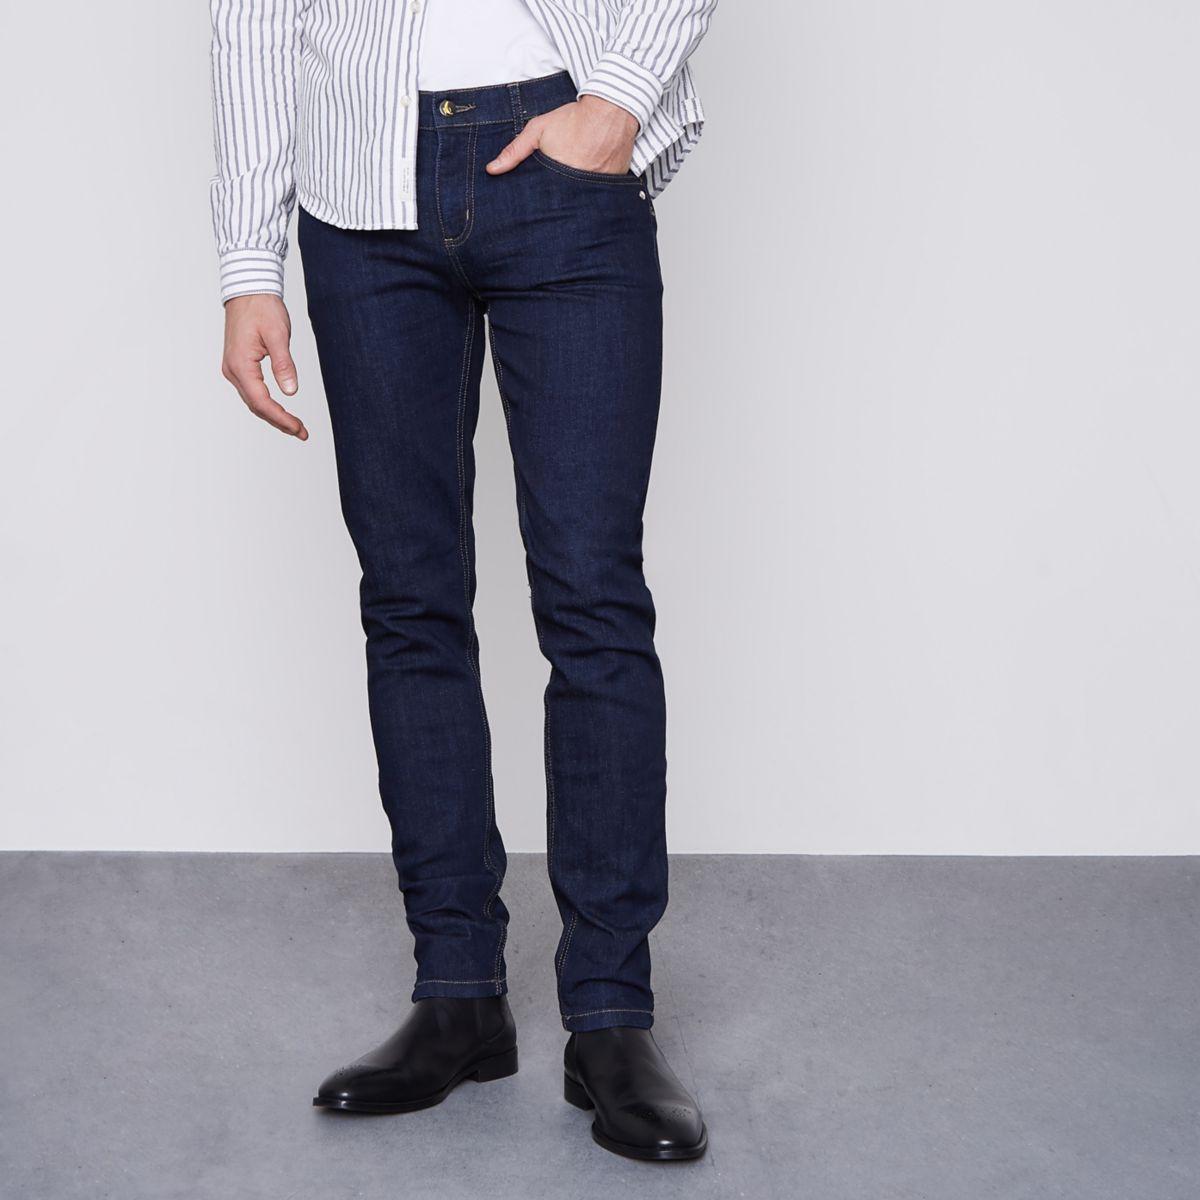 Dark blue Monkee Genes skinny jeans